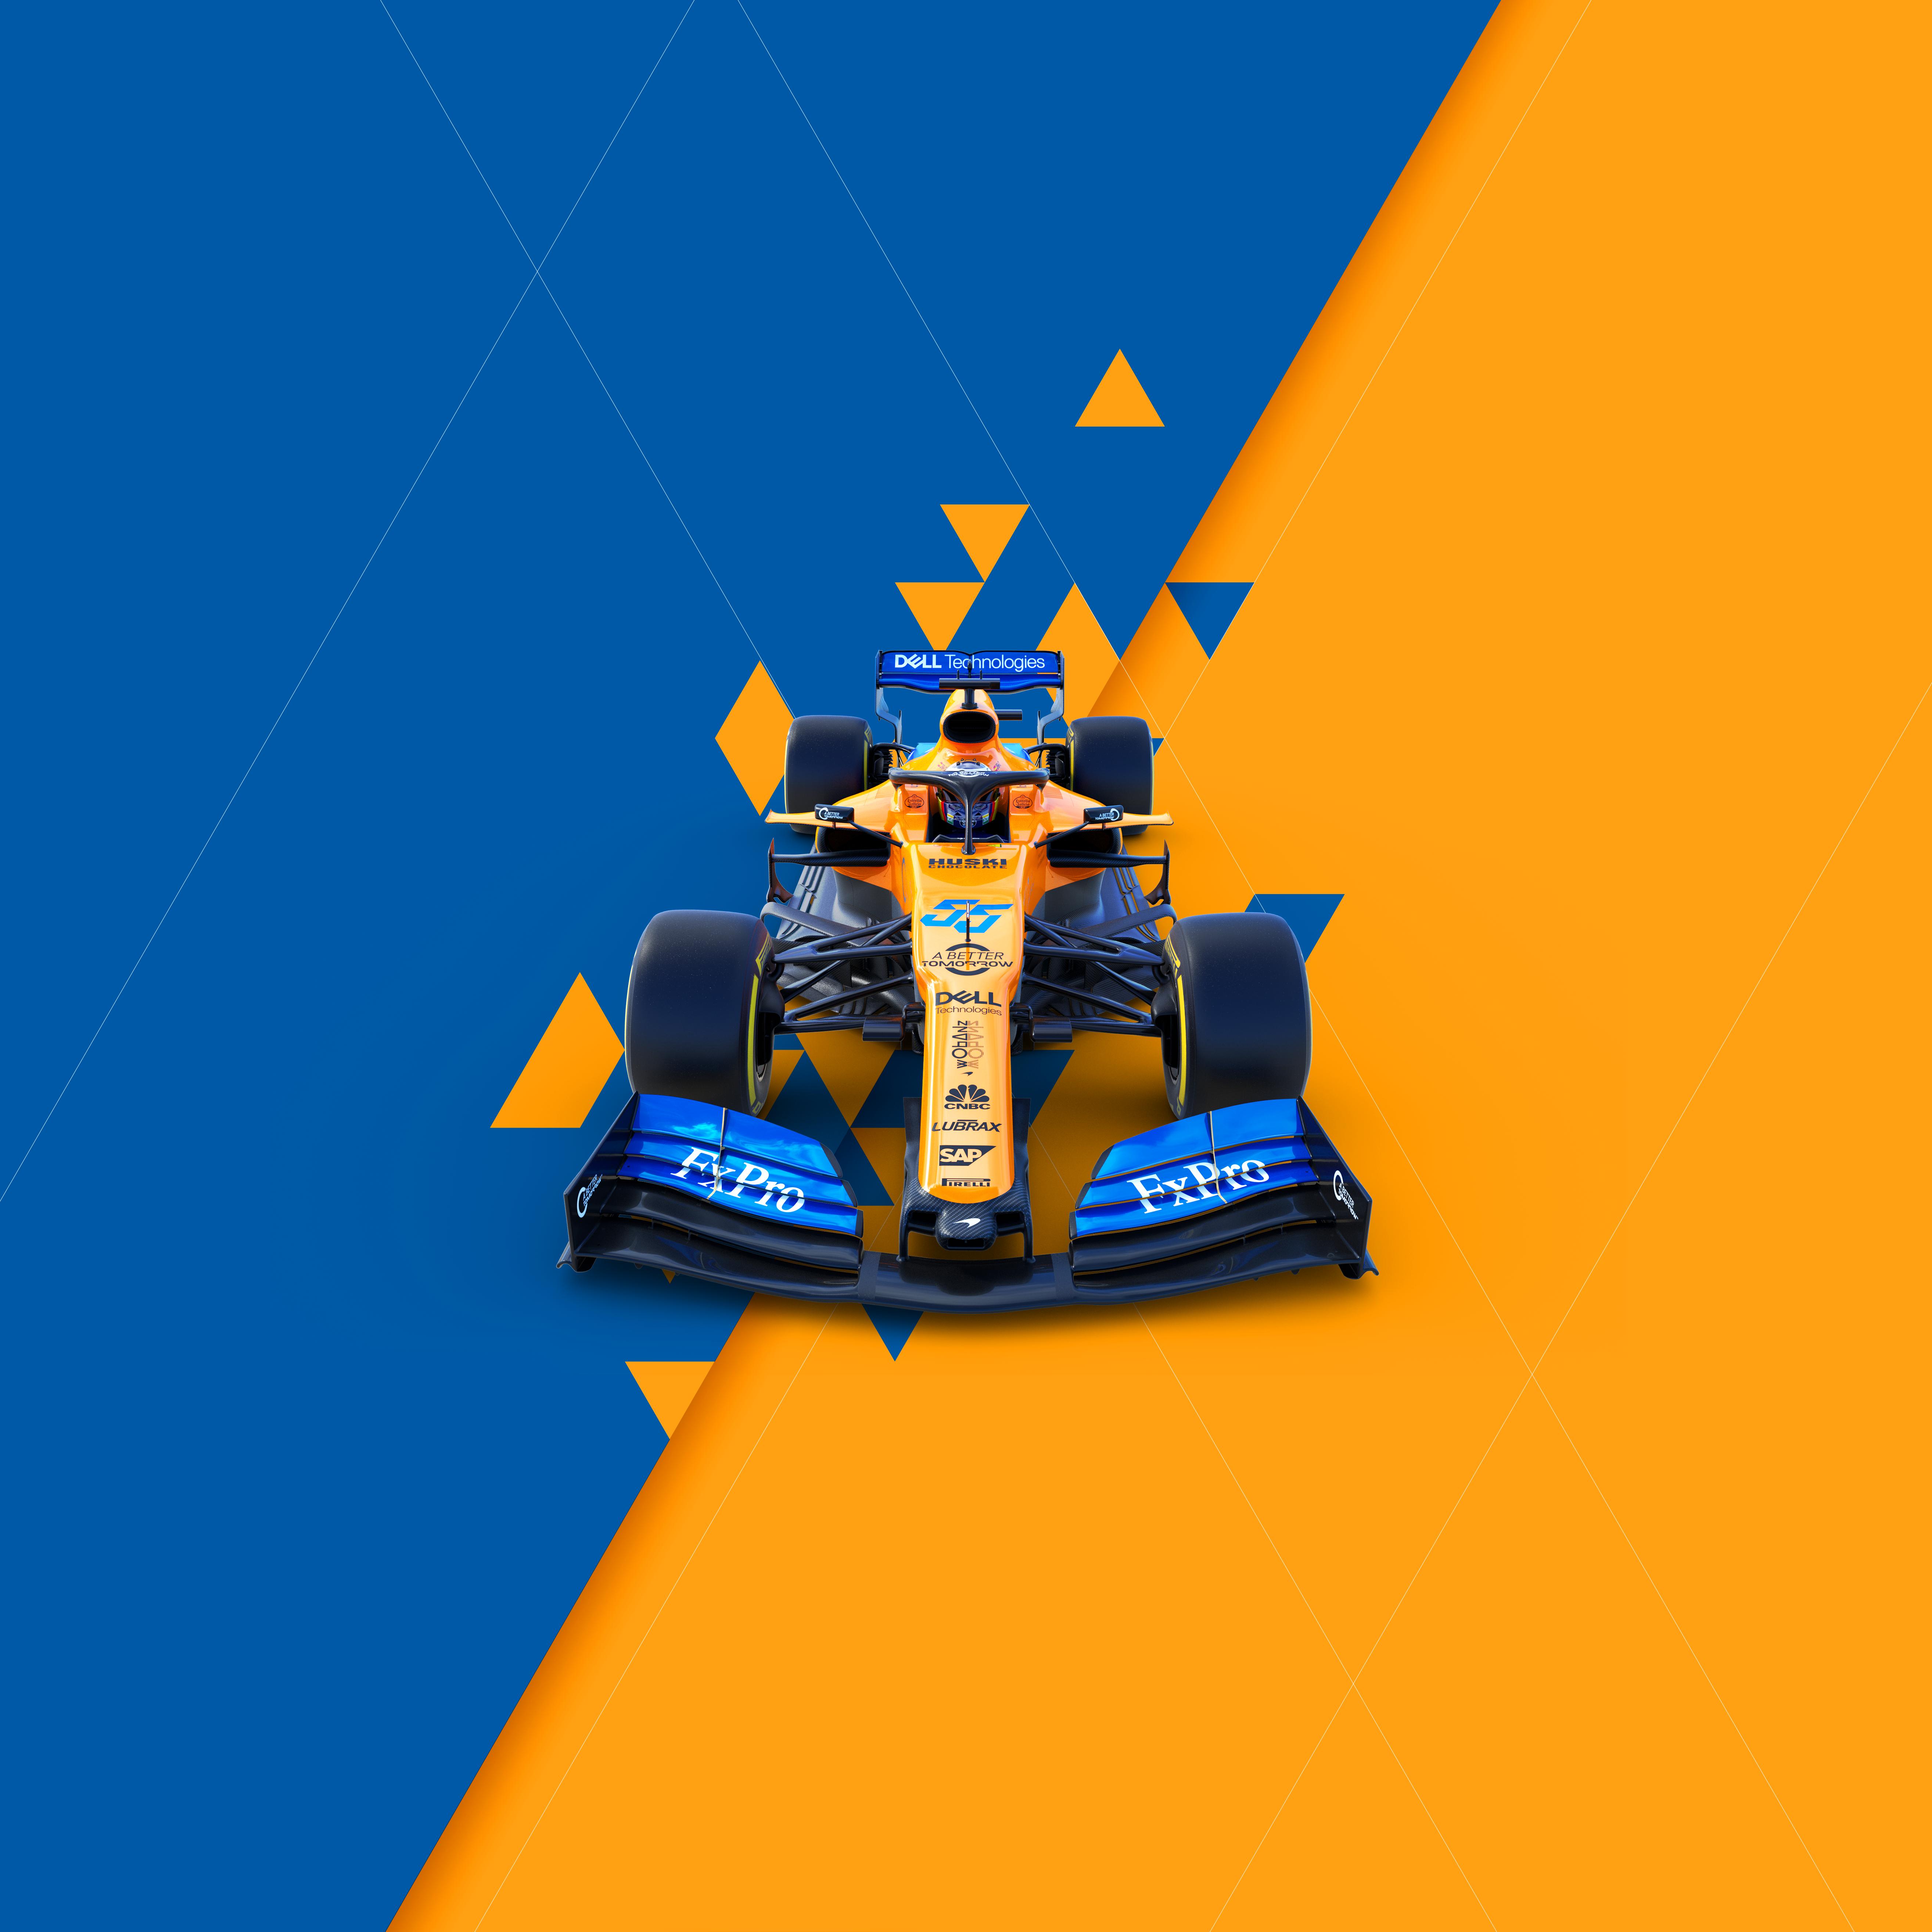 McLaren Formula 1 Official Website 5258x5258